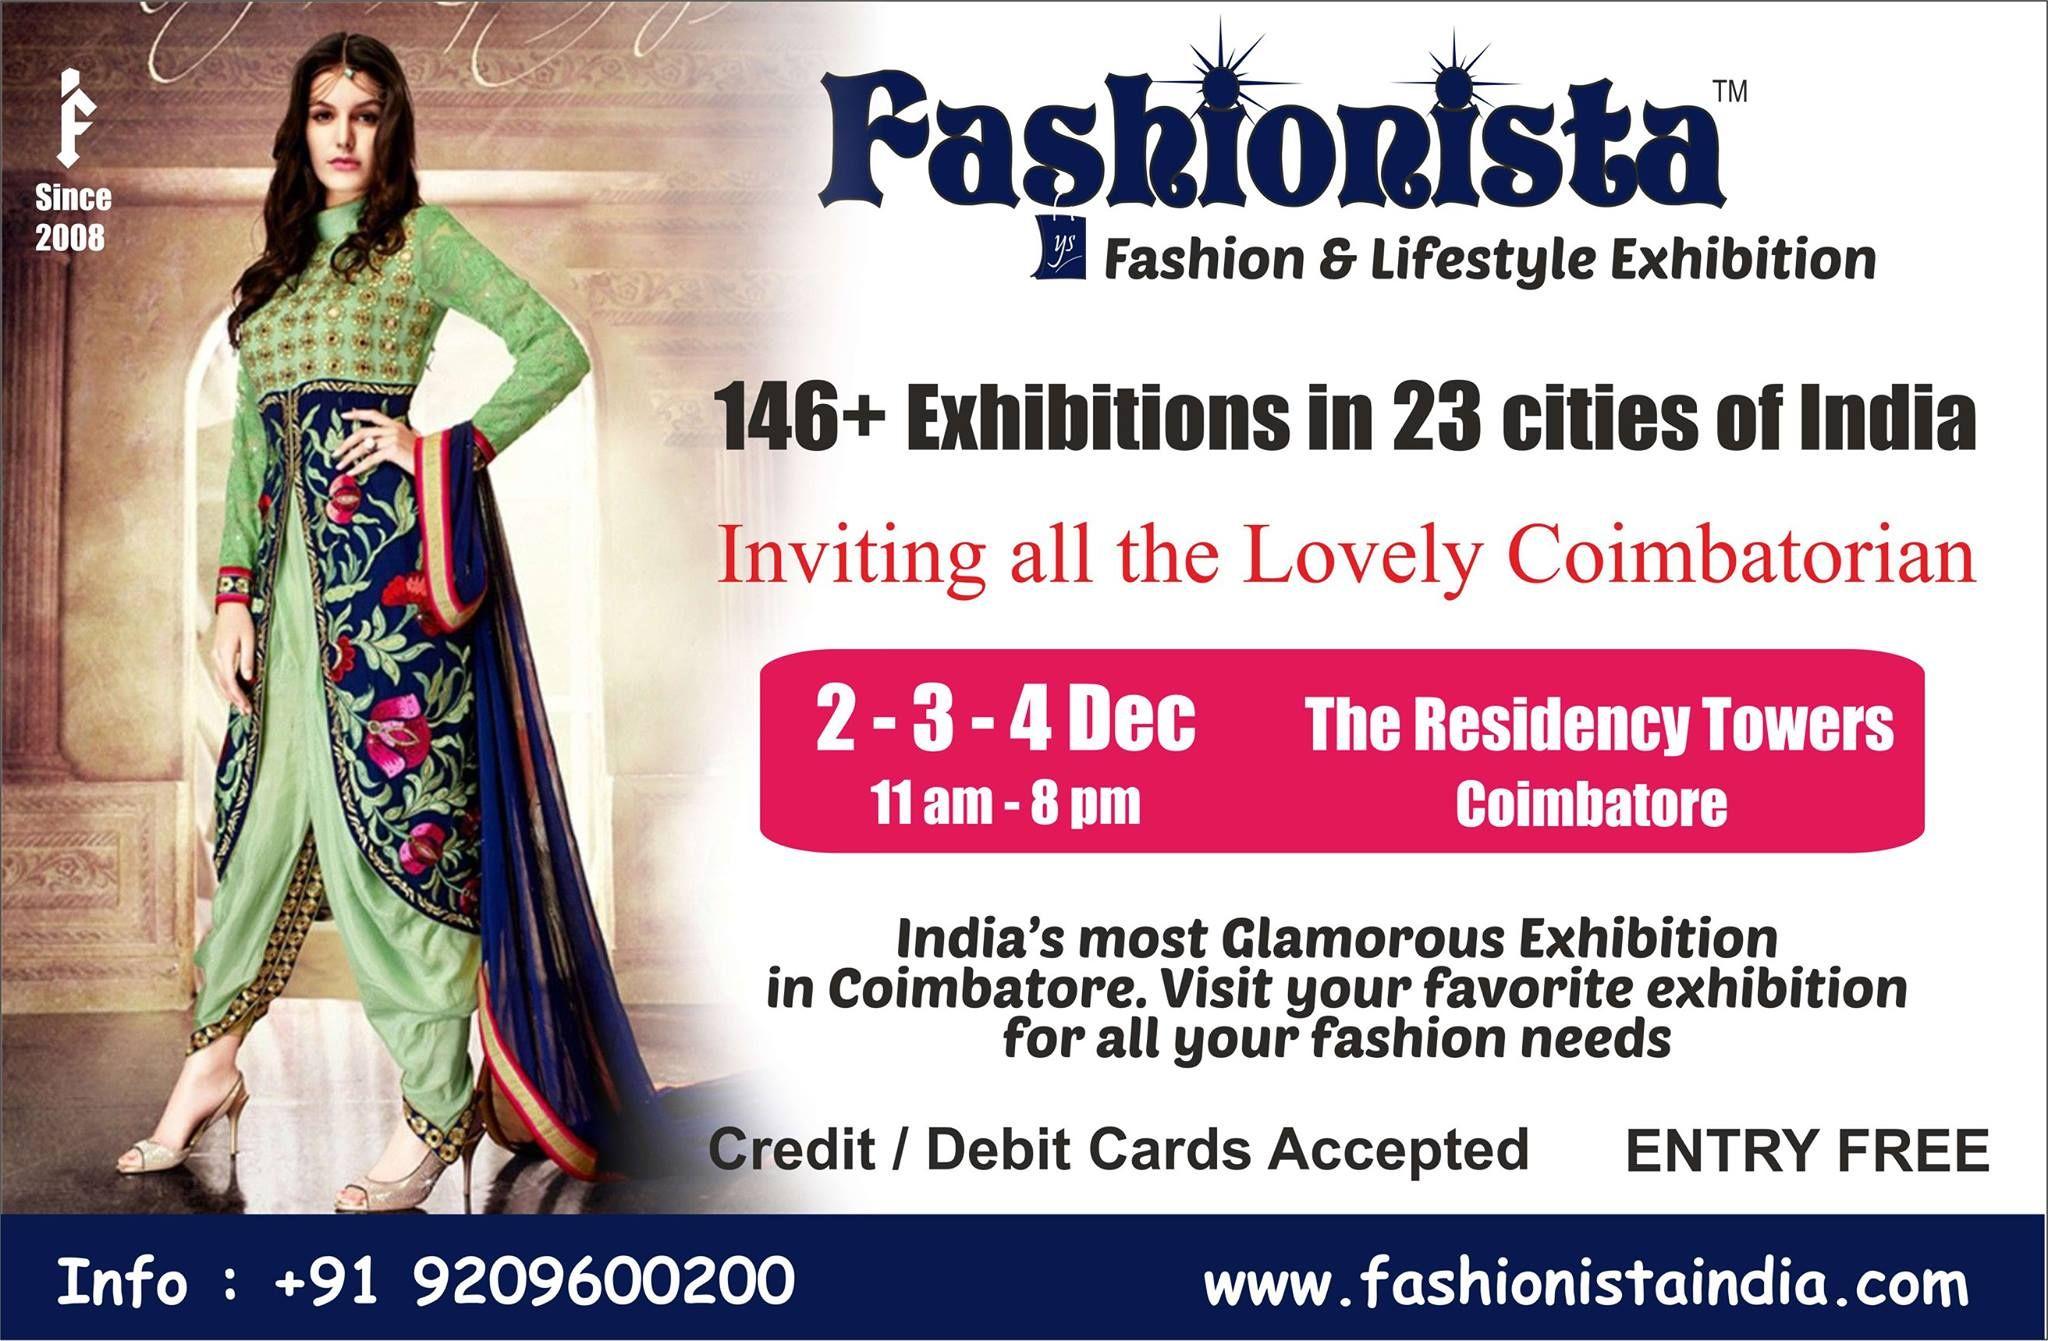 Q: What's better than a Fashion Exhibition? A: A Fashion